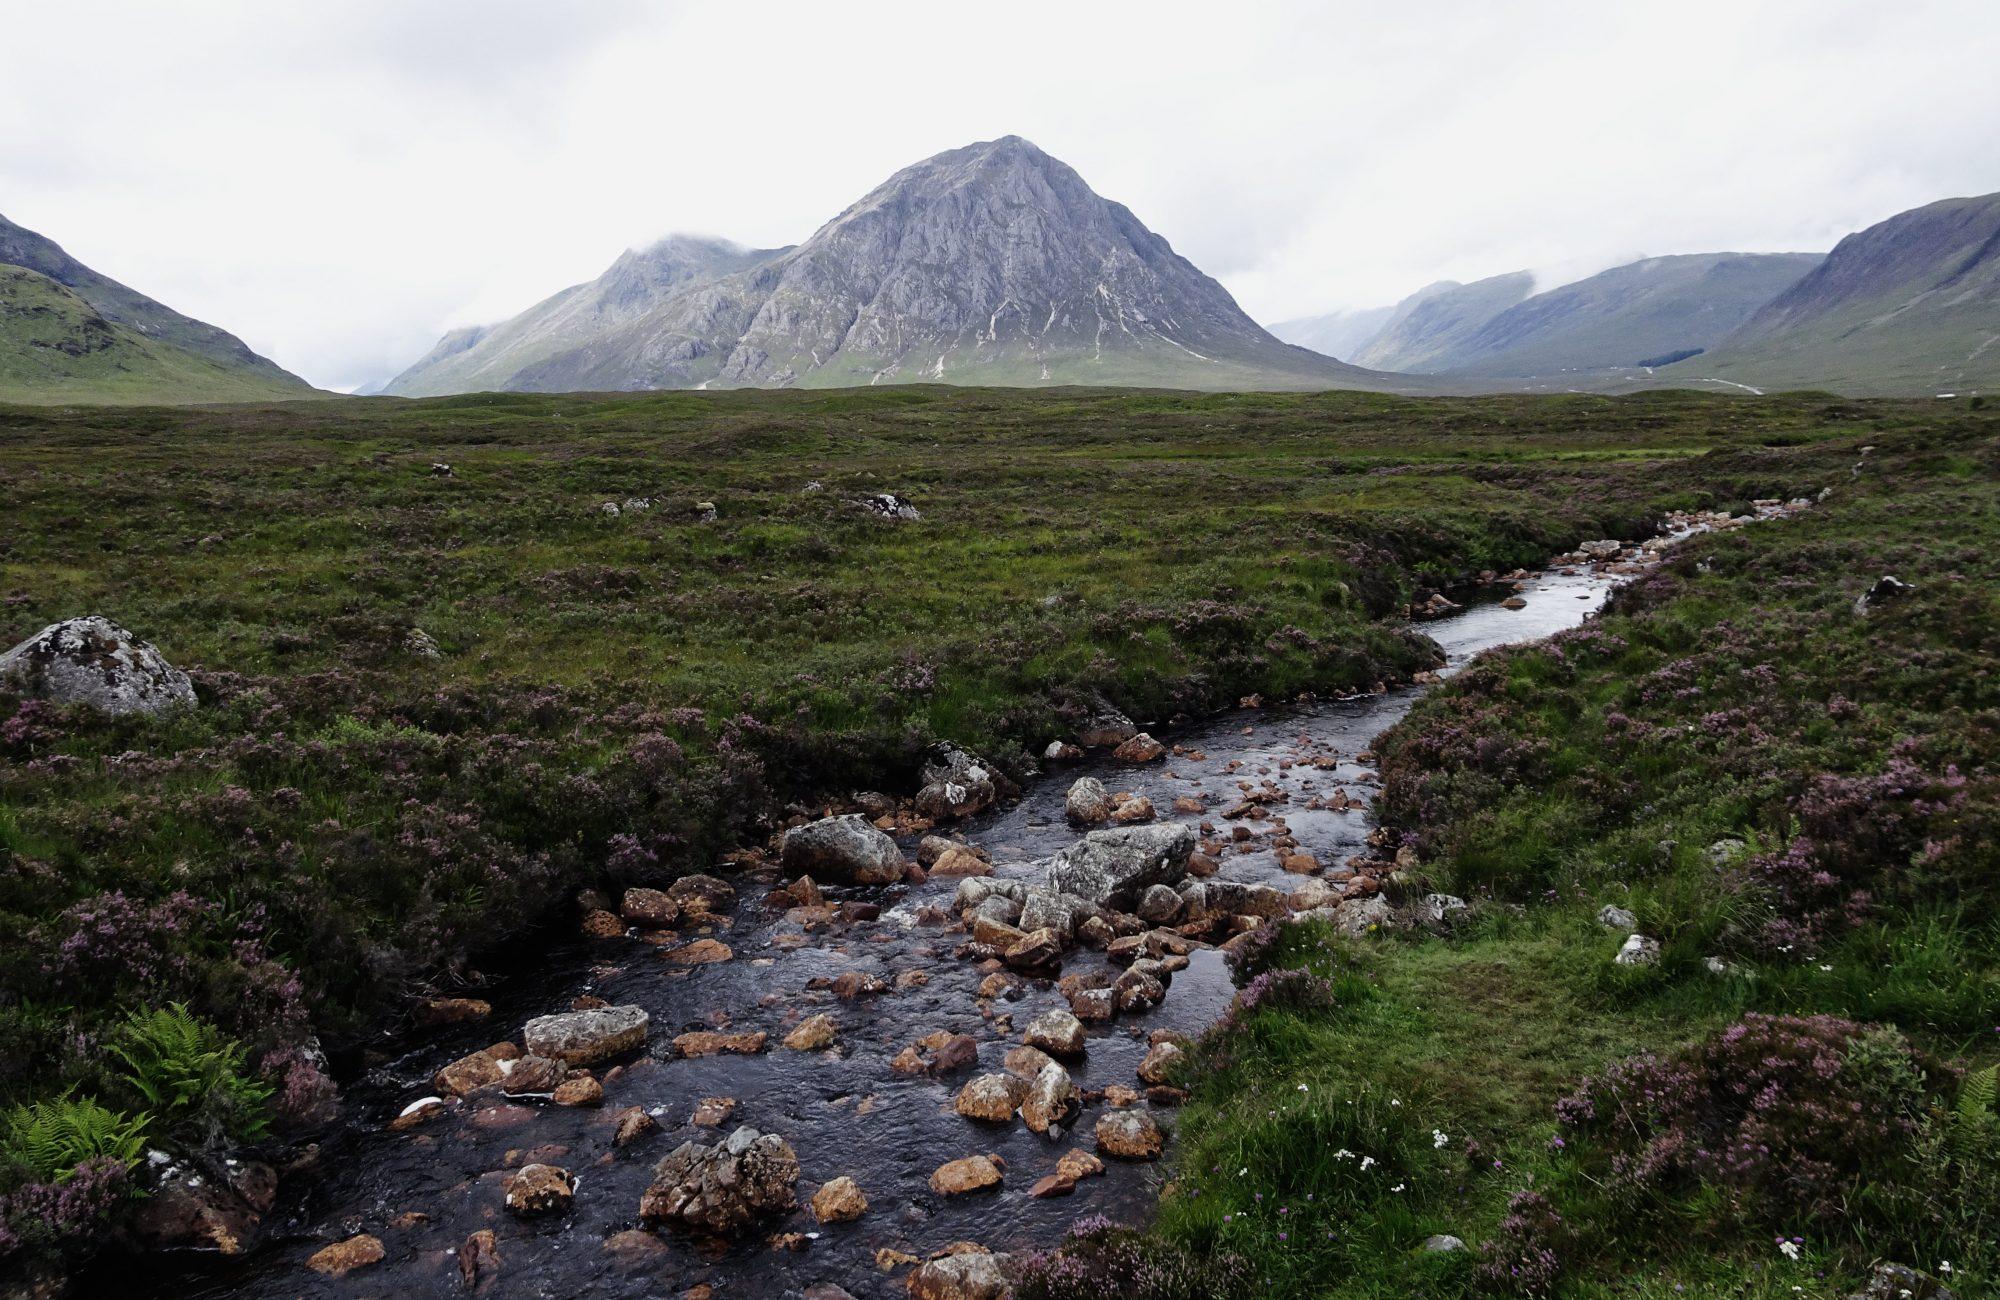 Mein Lieblingsberg in Sicht, Stob Dearg und Blick aufs Glencoe Tal, West Highland Way, Schottland, Wanderung, Weitwandern, Trekking, Highlands